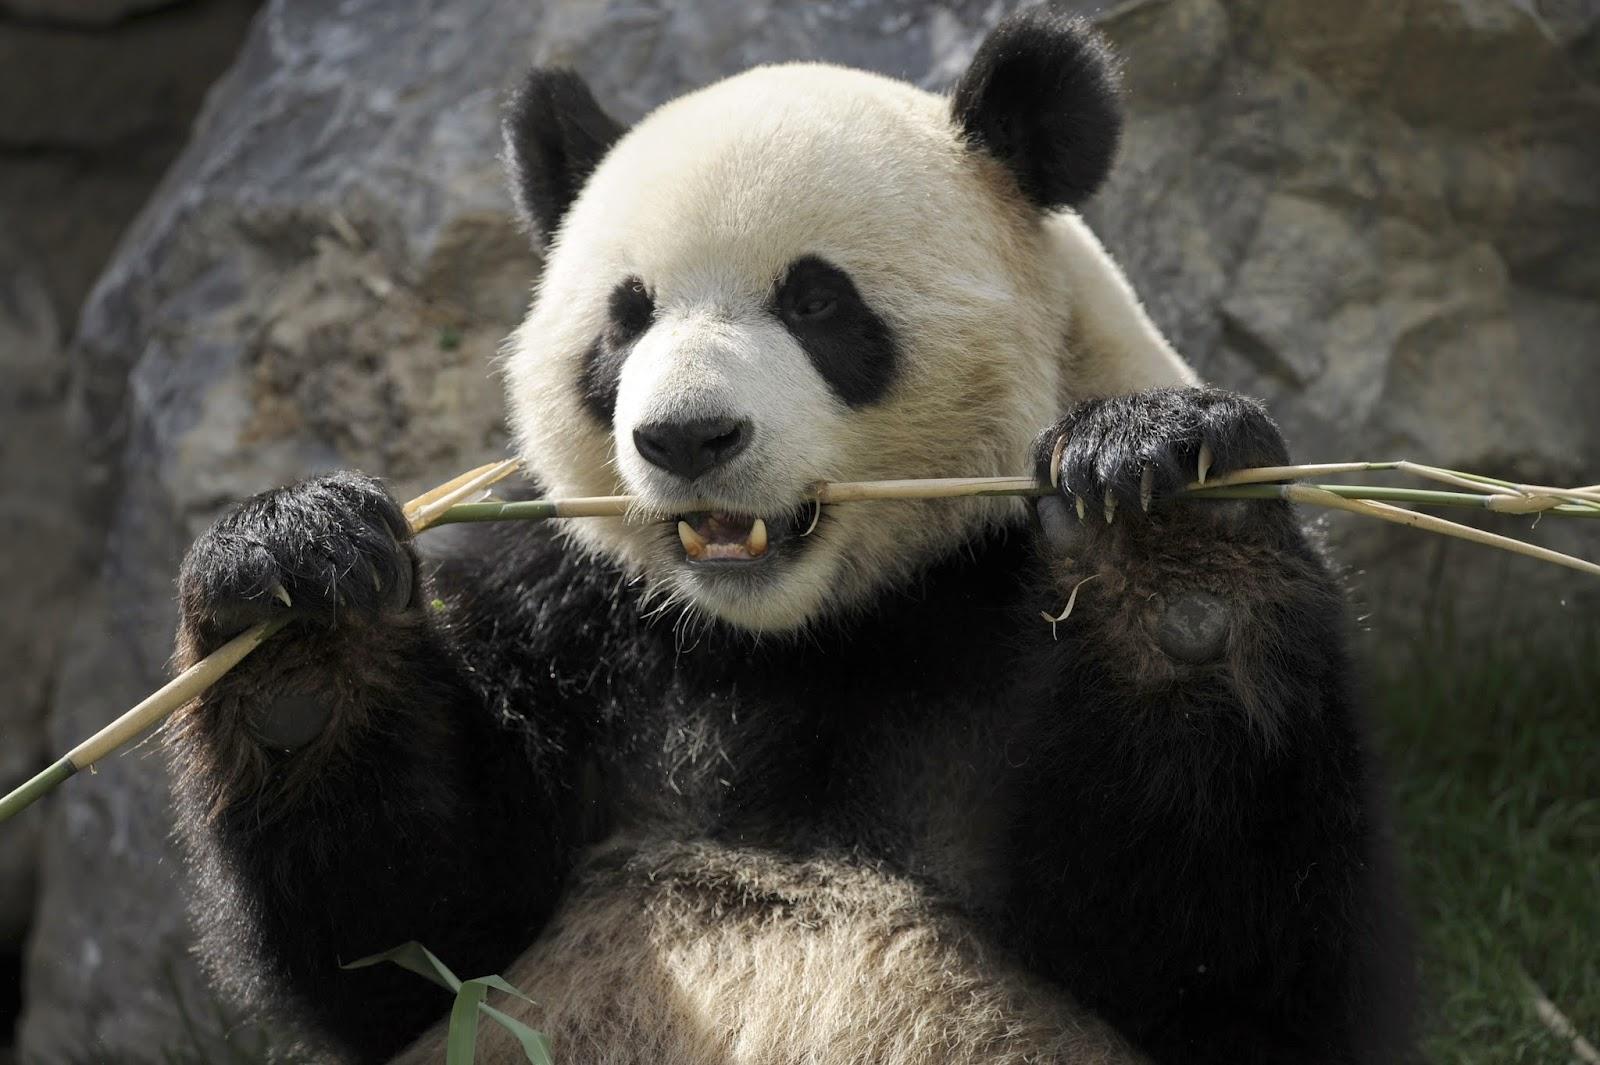 Los Pandas No Deberían Comer Bambú Según Estudio